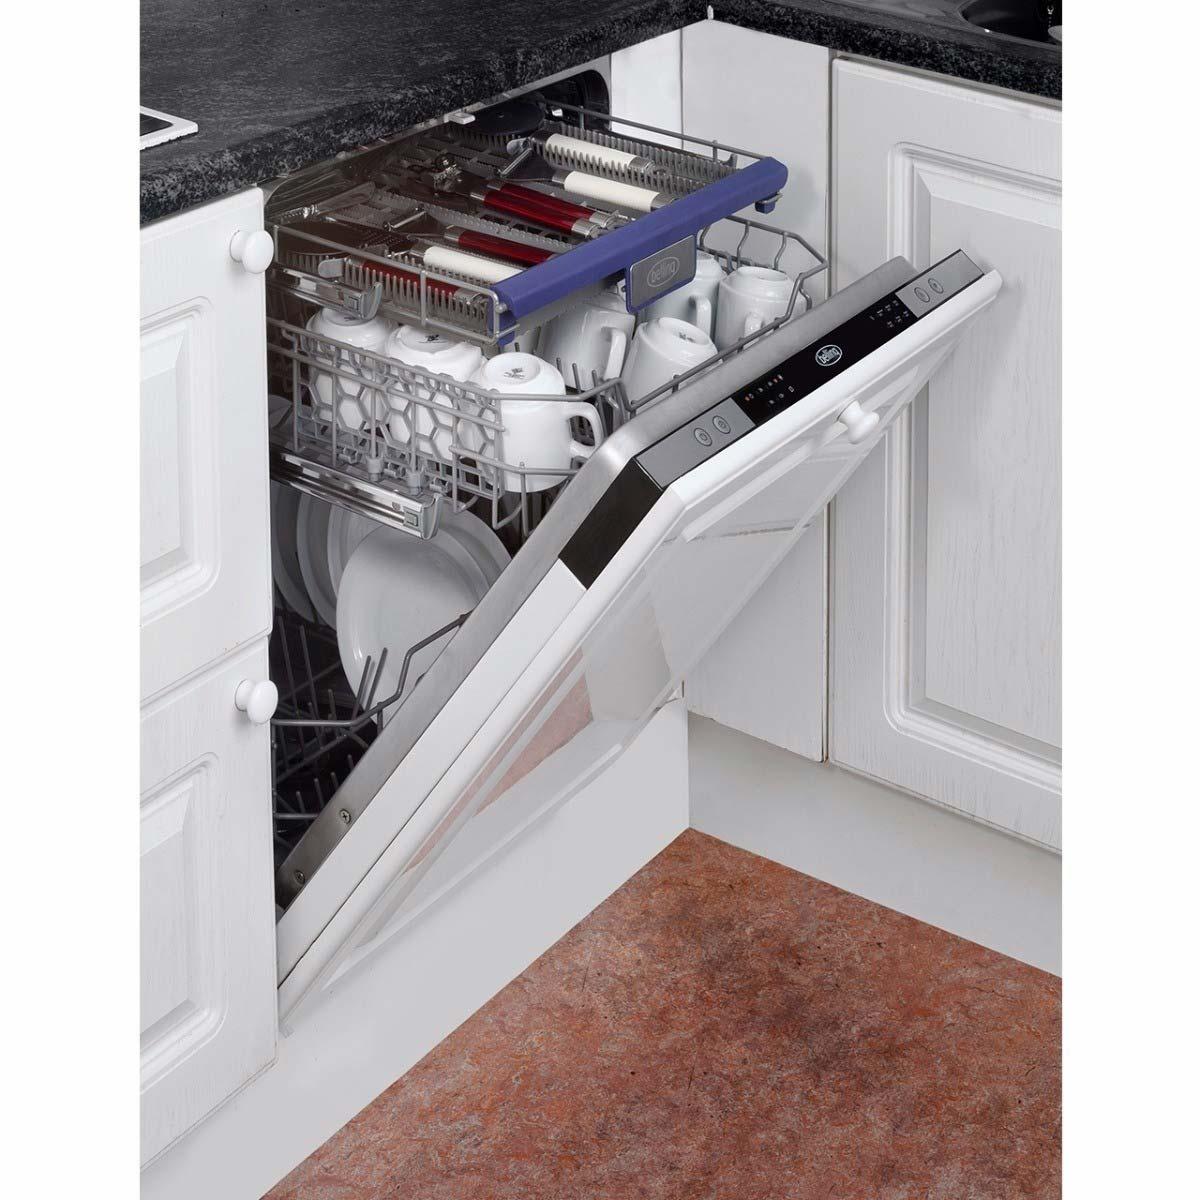 Belling 10 Place Slimline Integrated Dishwasher | BID1061